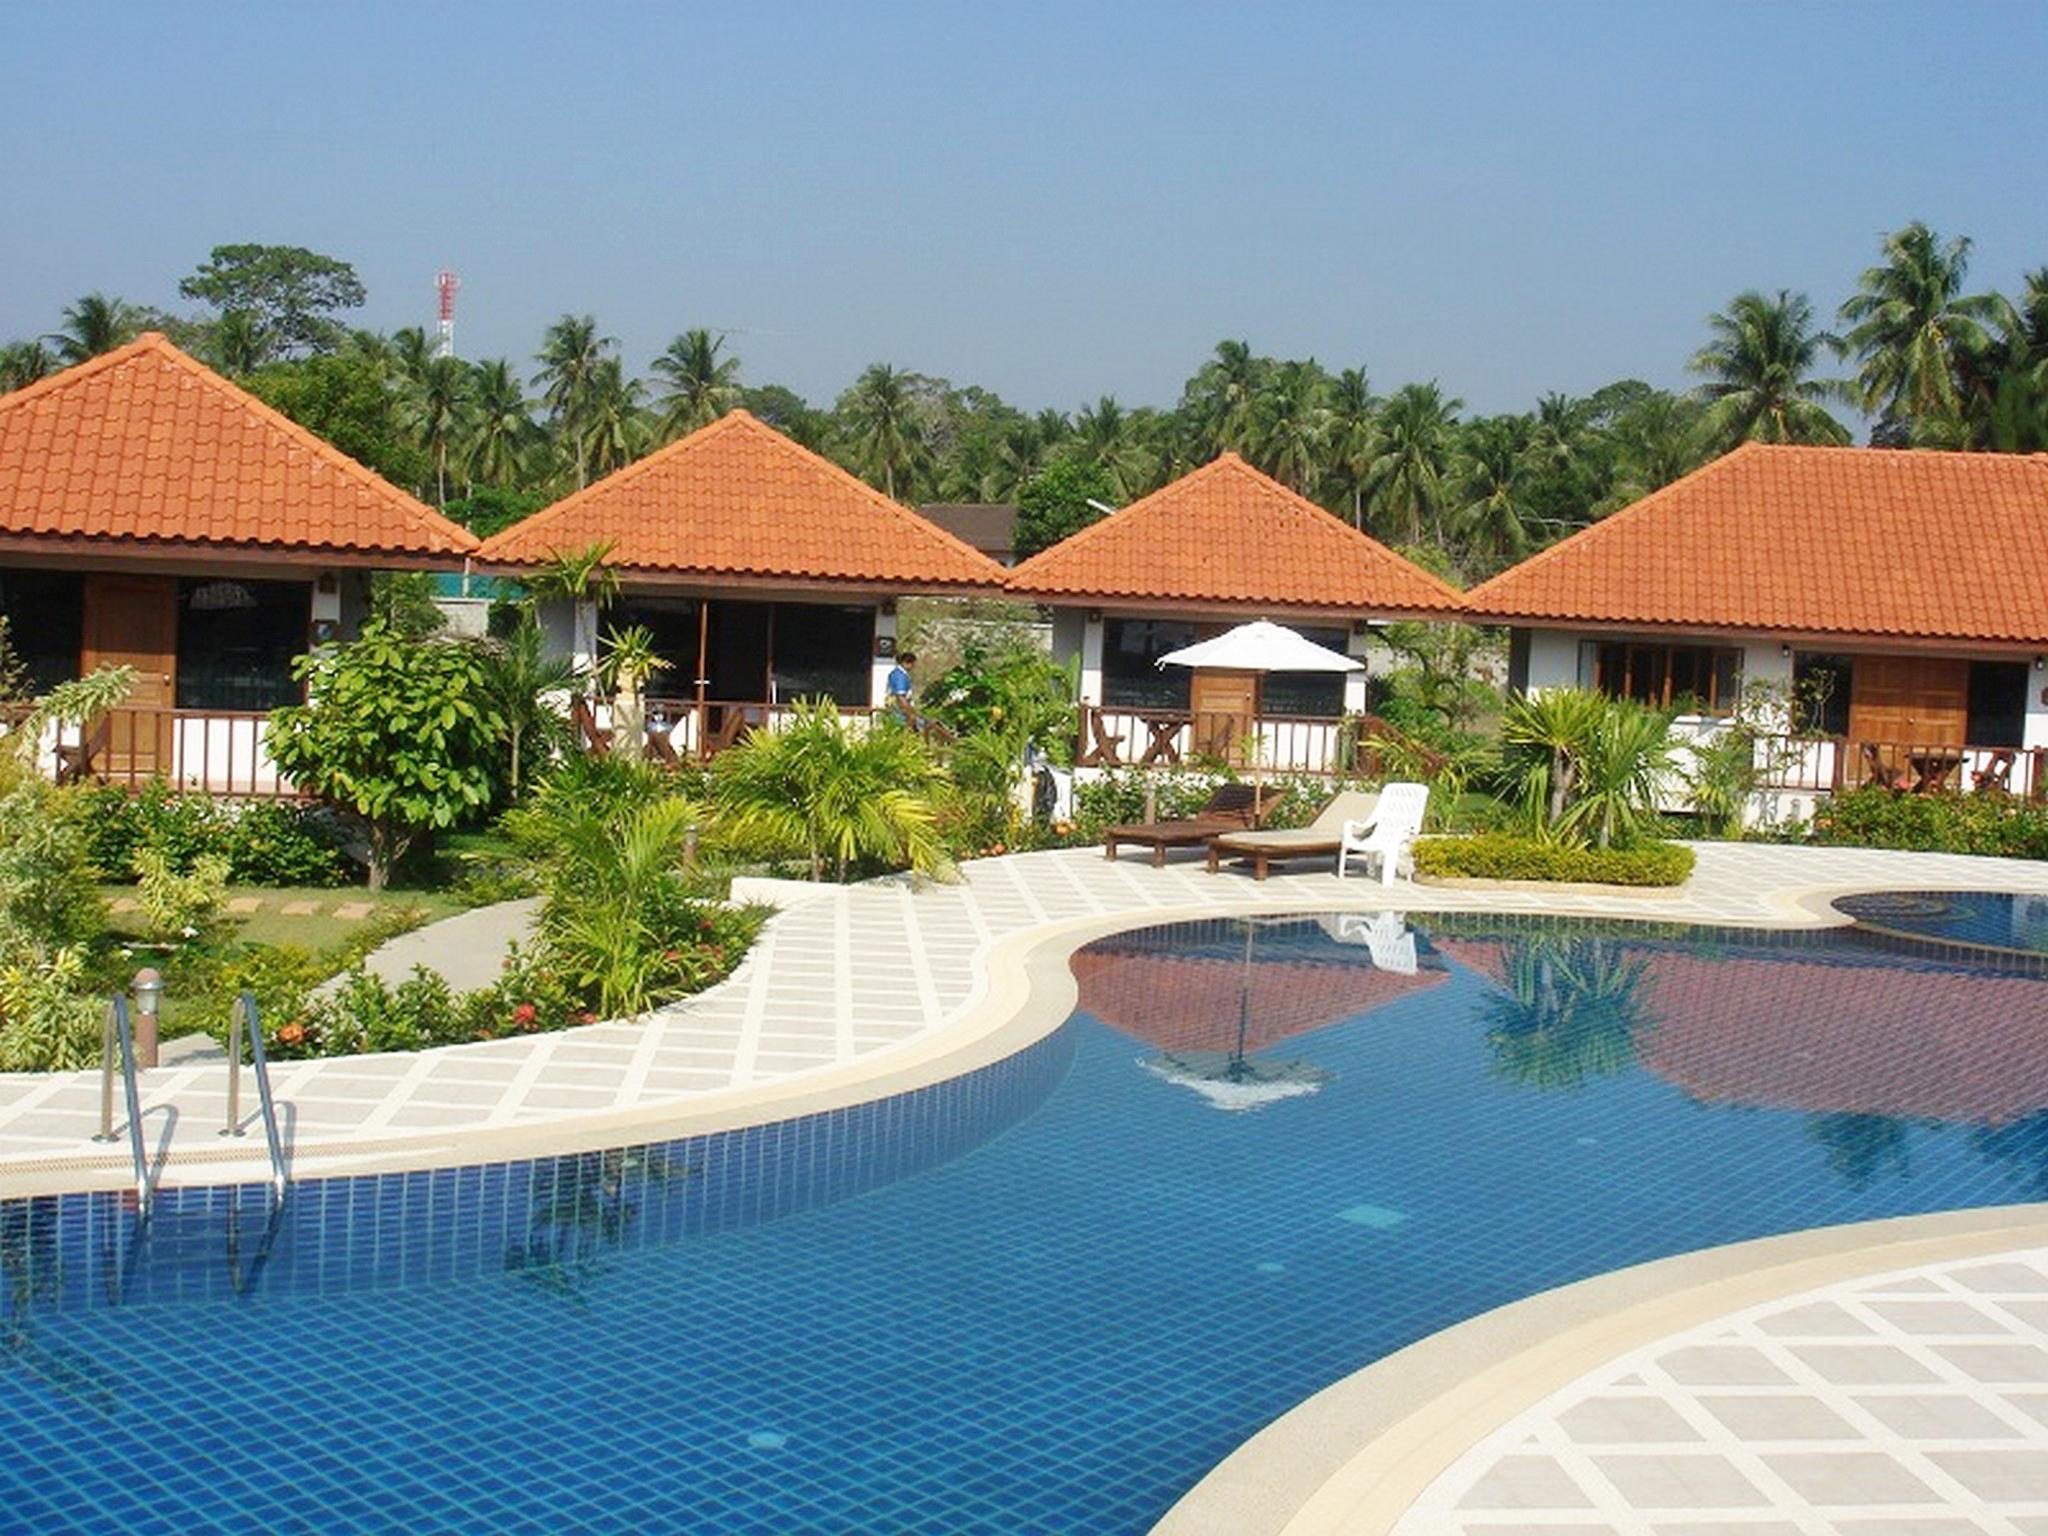 Sailom Bangsaphan Resort